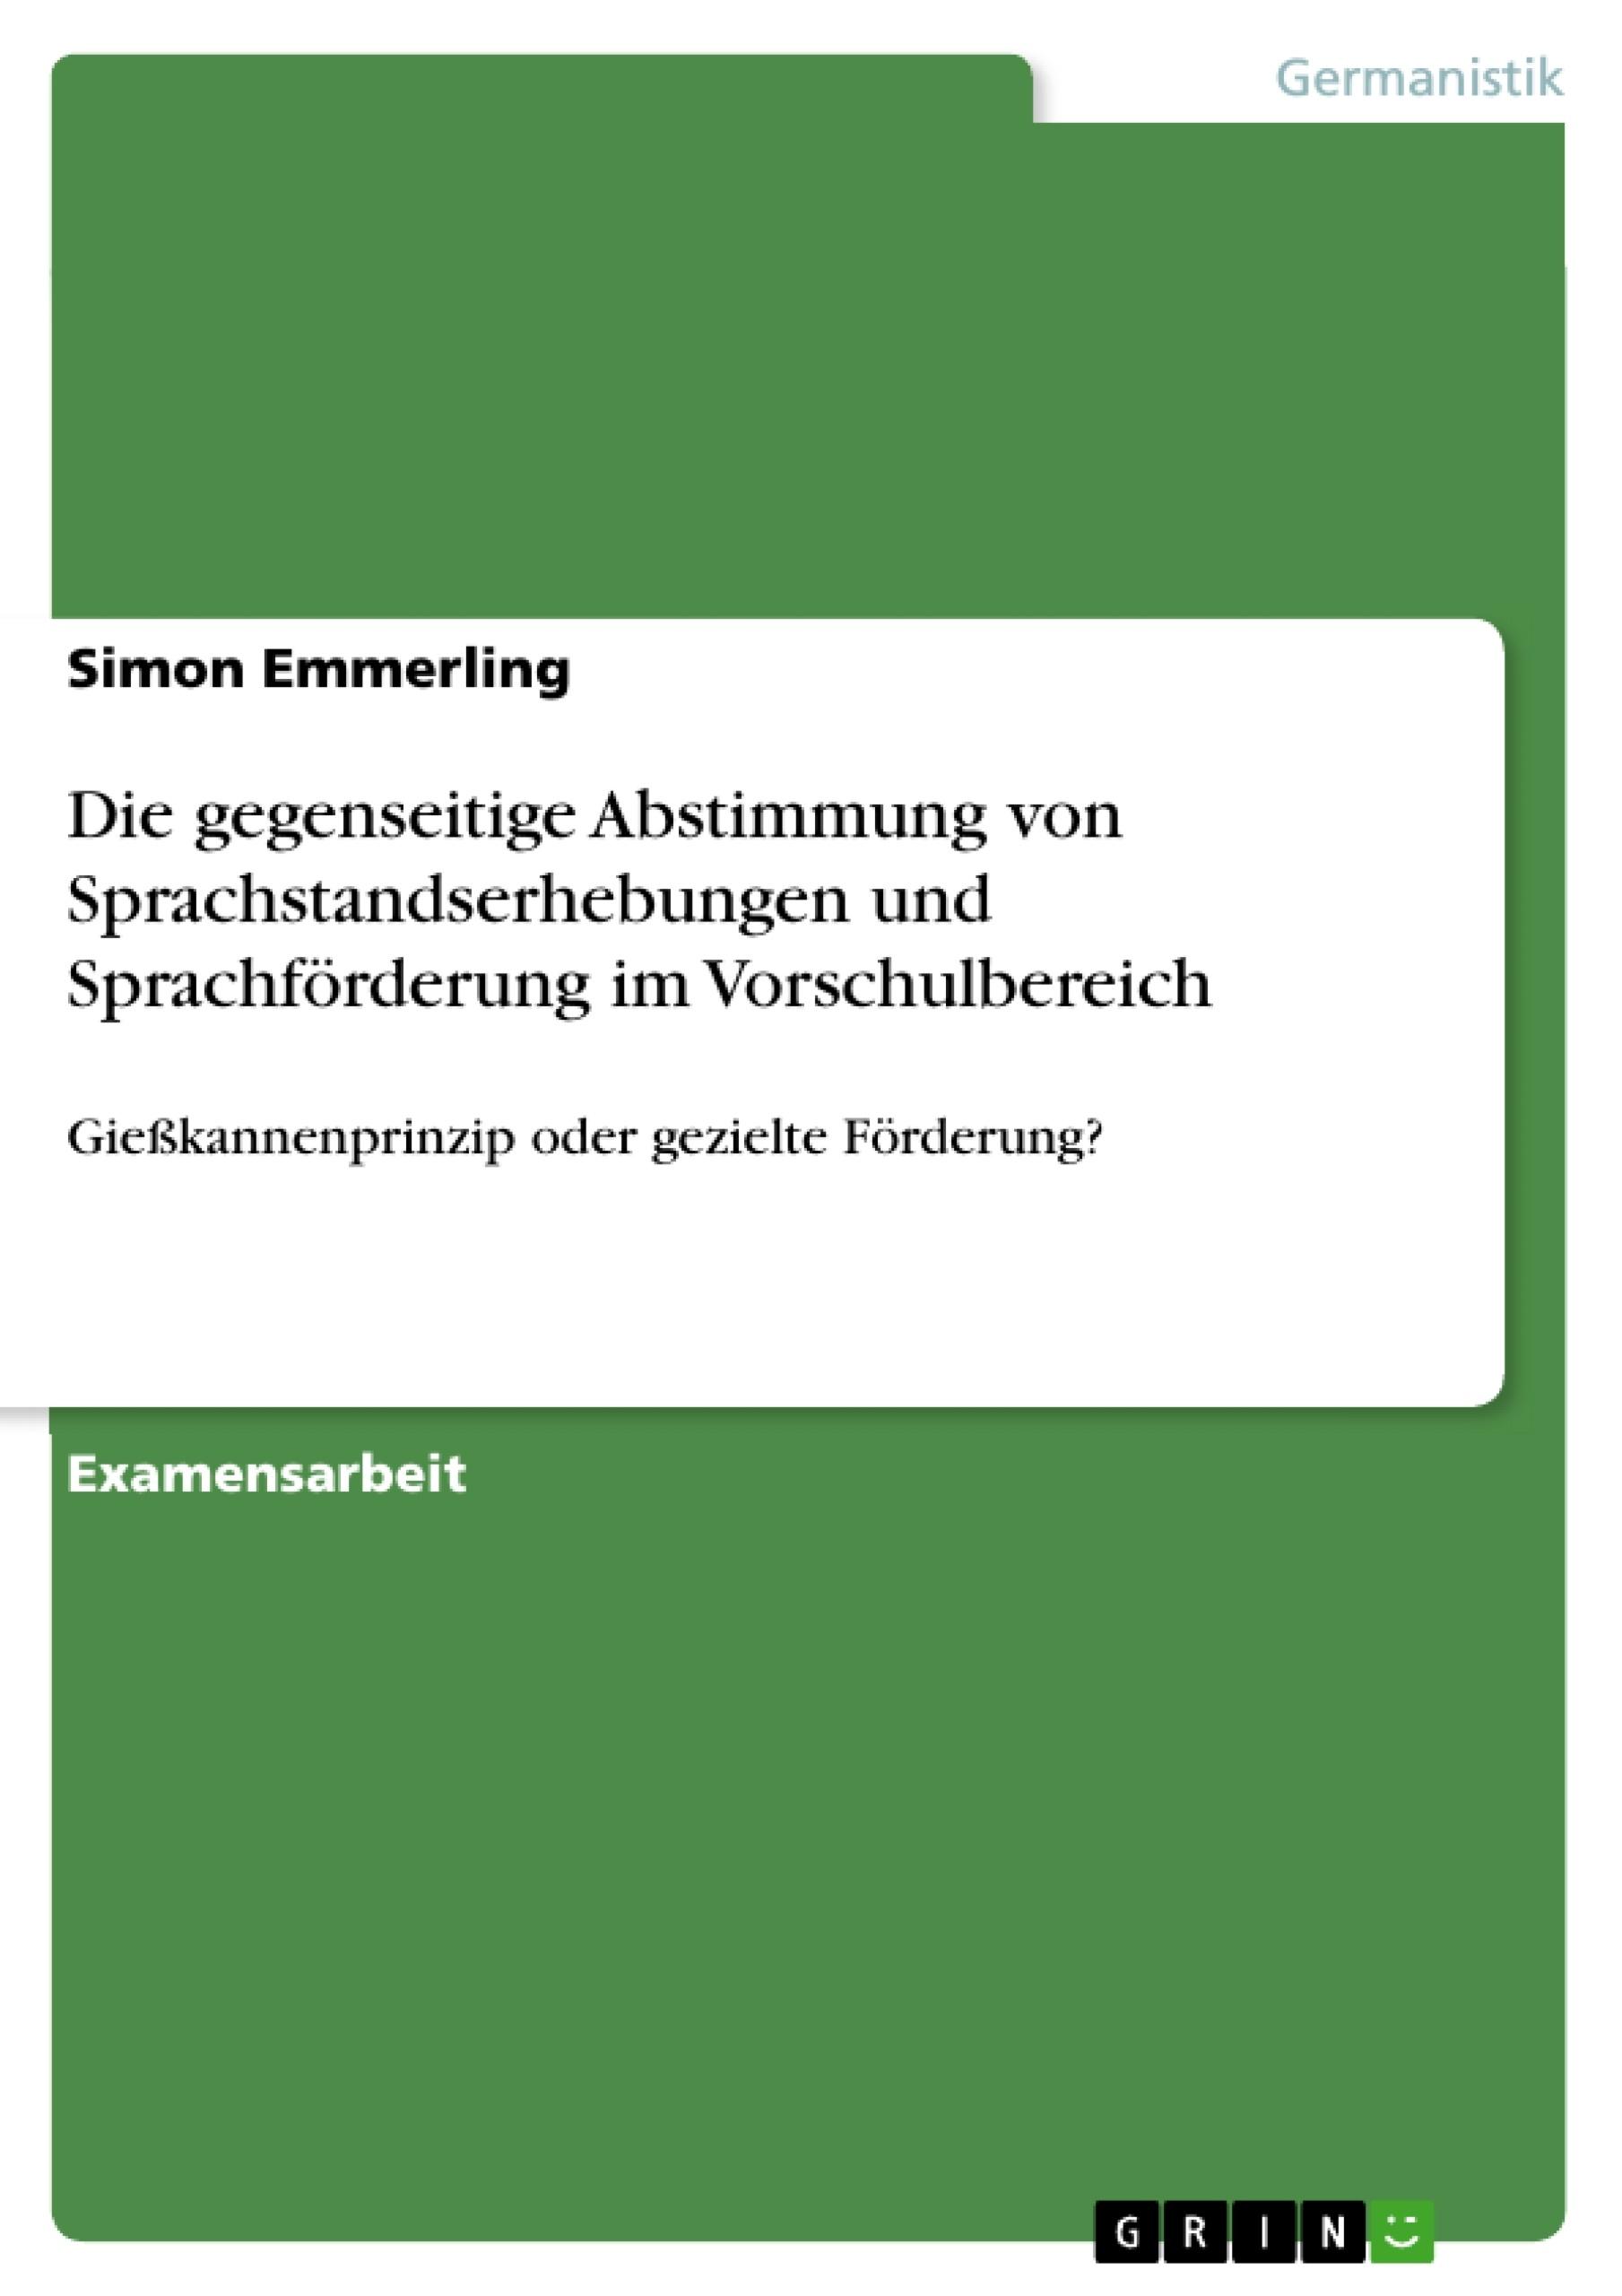 Titel: Die gegenseitige Abstimmung von Sprachstandserhebungen und Sprachförderung im Vorschulbereich